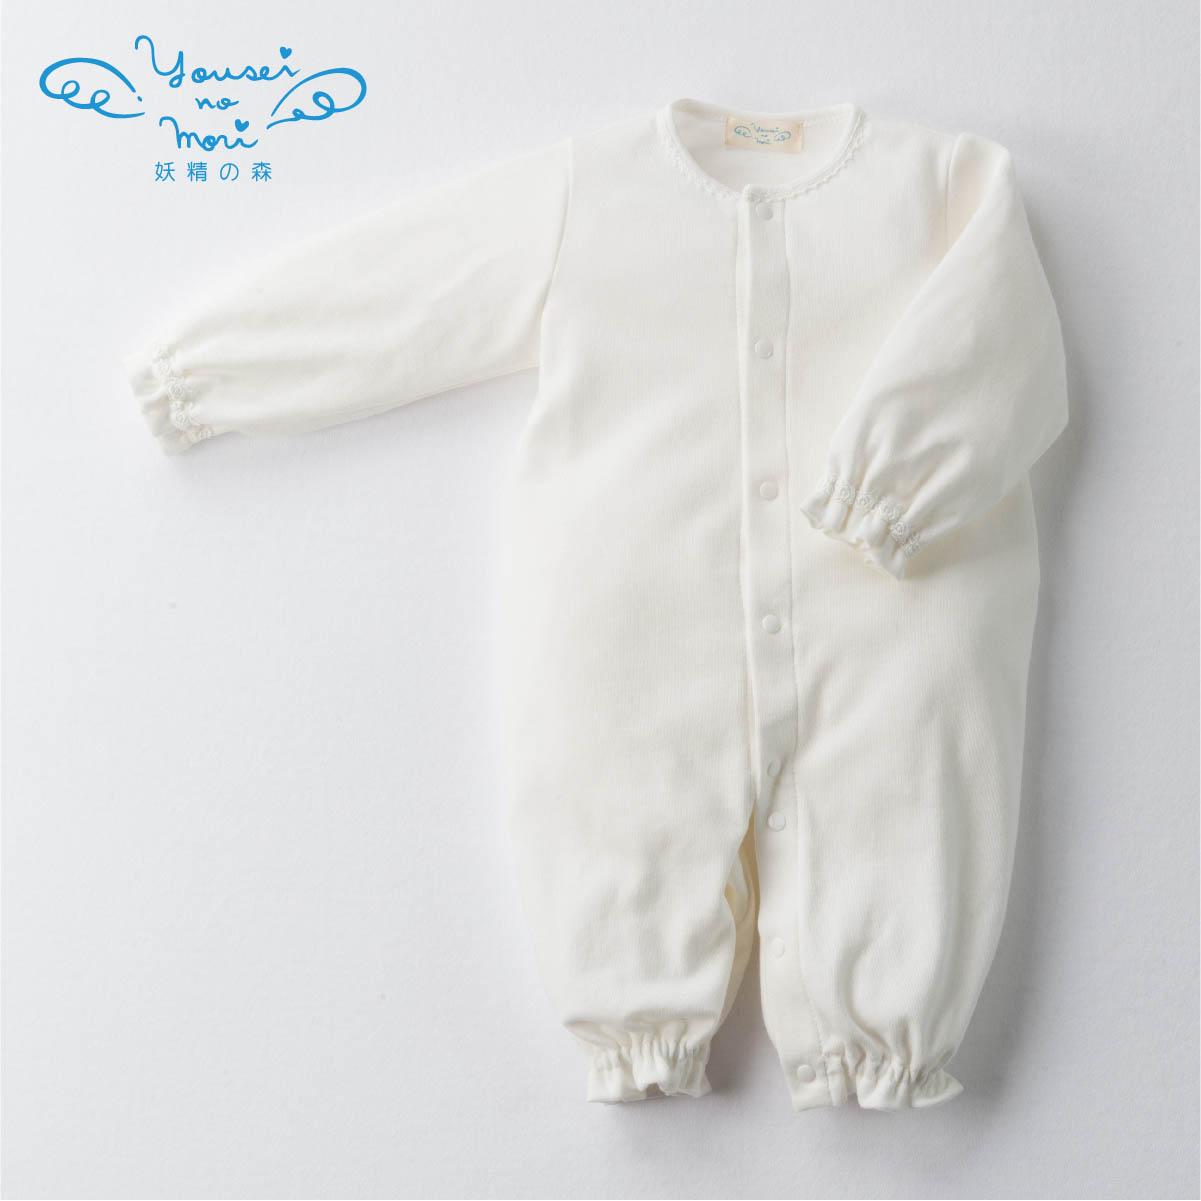 ロマンティックレースセレモニーセット ボンネットセット/ヘアバンドセット YC0361/YC0362(ベビー服)